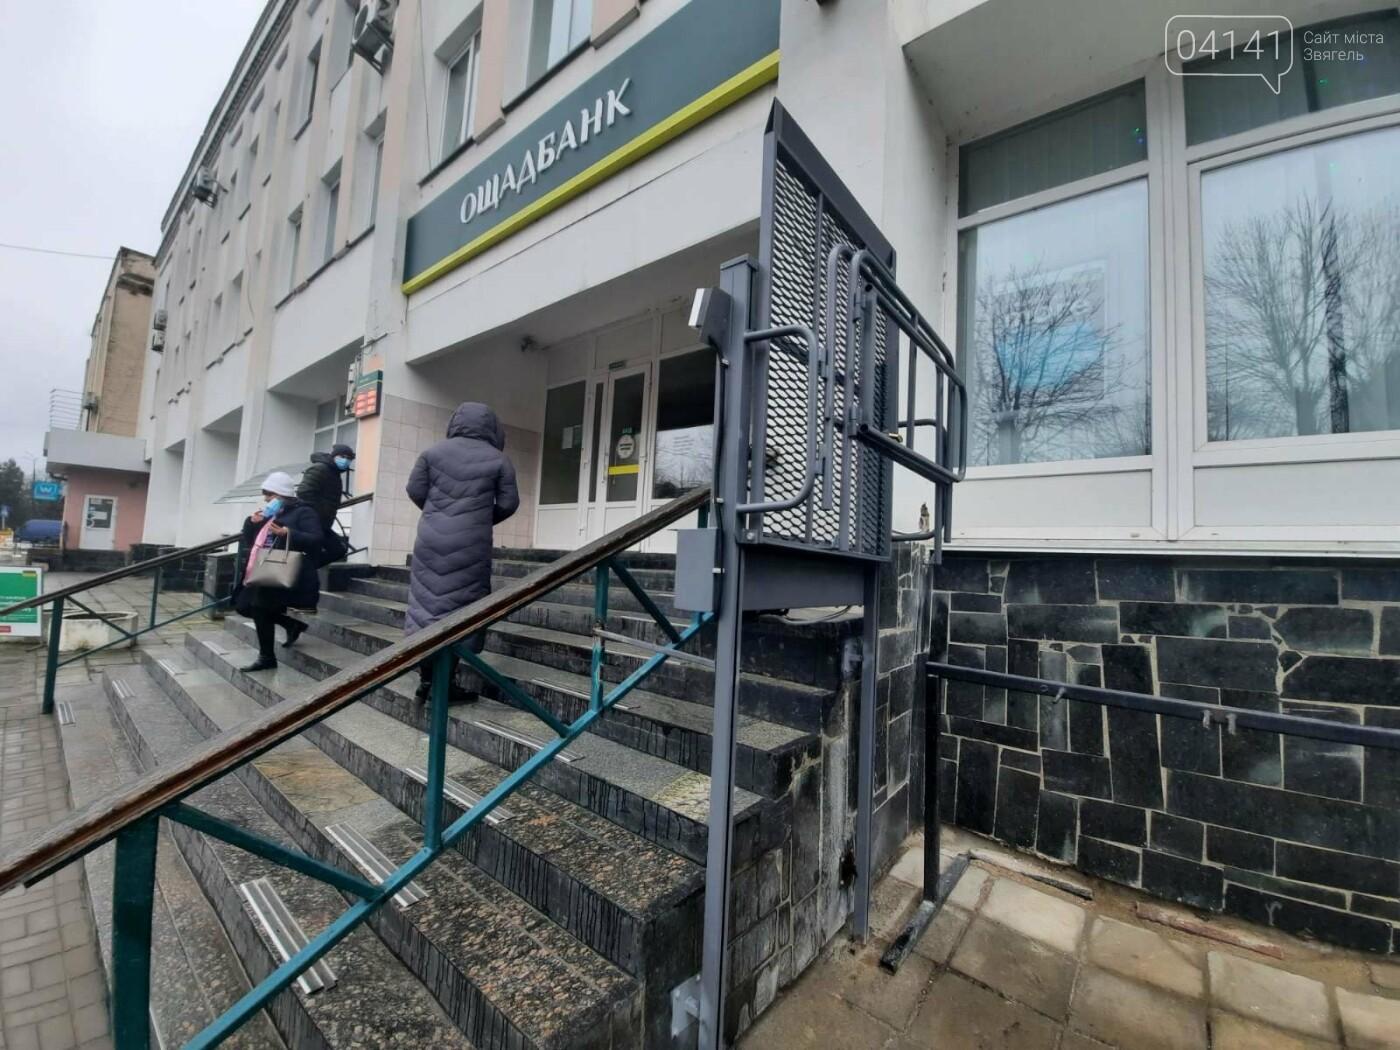 Доступ людей з інвалідністю полегшиться: У Новограді банк встановлює пандус - електропідіймач, фото-2